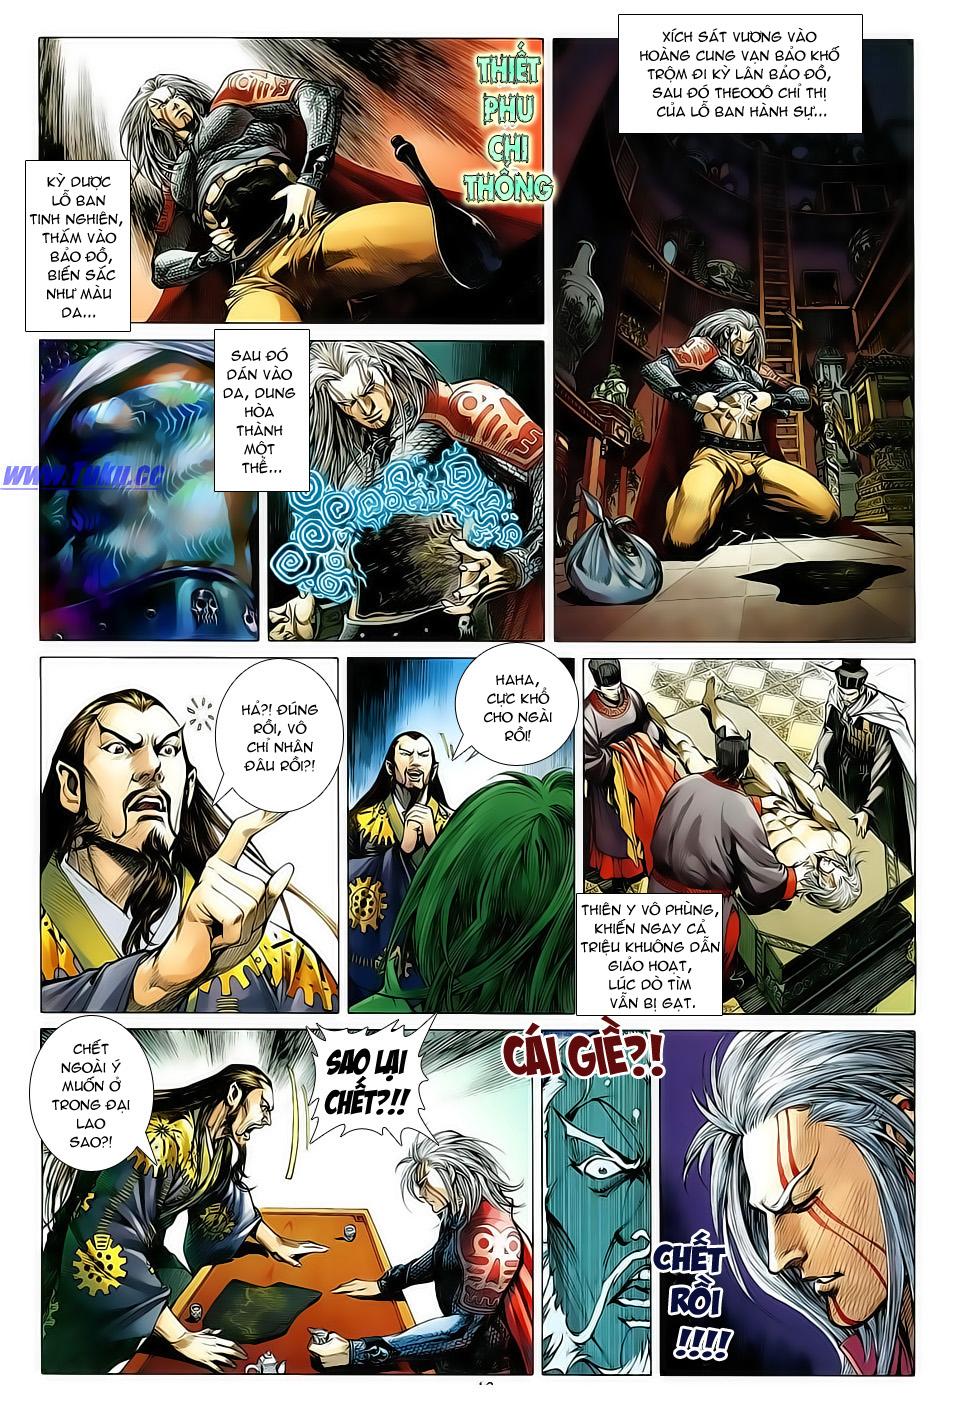 truyện tranh thiết tướng tung hoành Chapter 4/